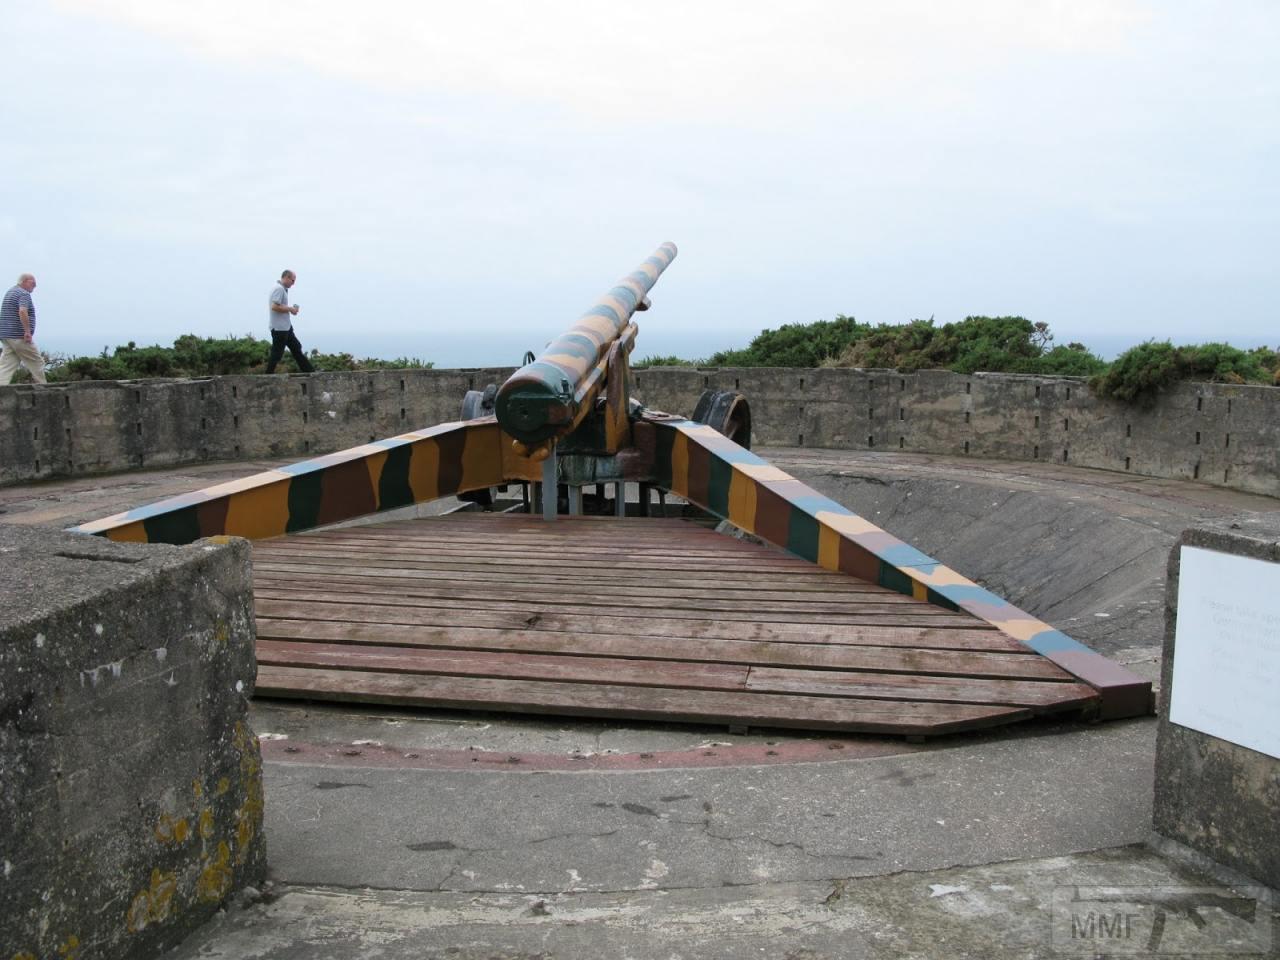 94860 - Корабельные пушки-монстры в музеях и во дворах...